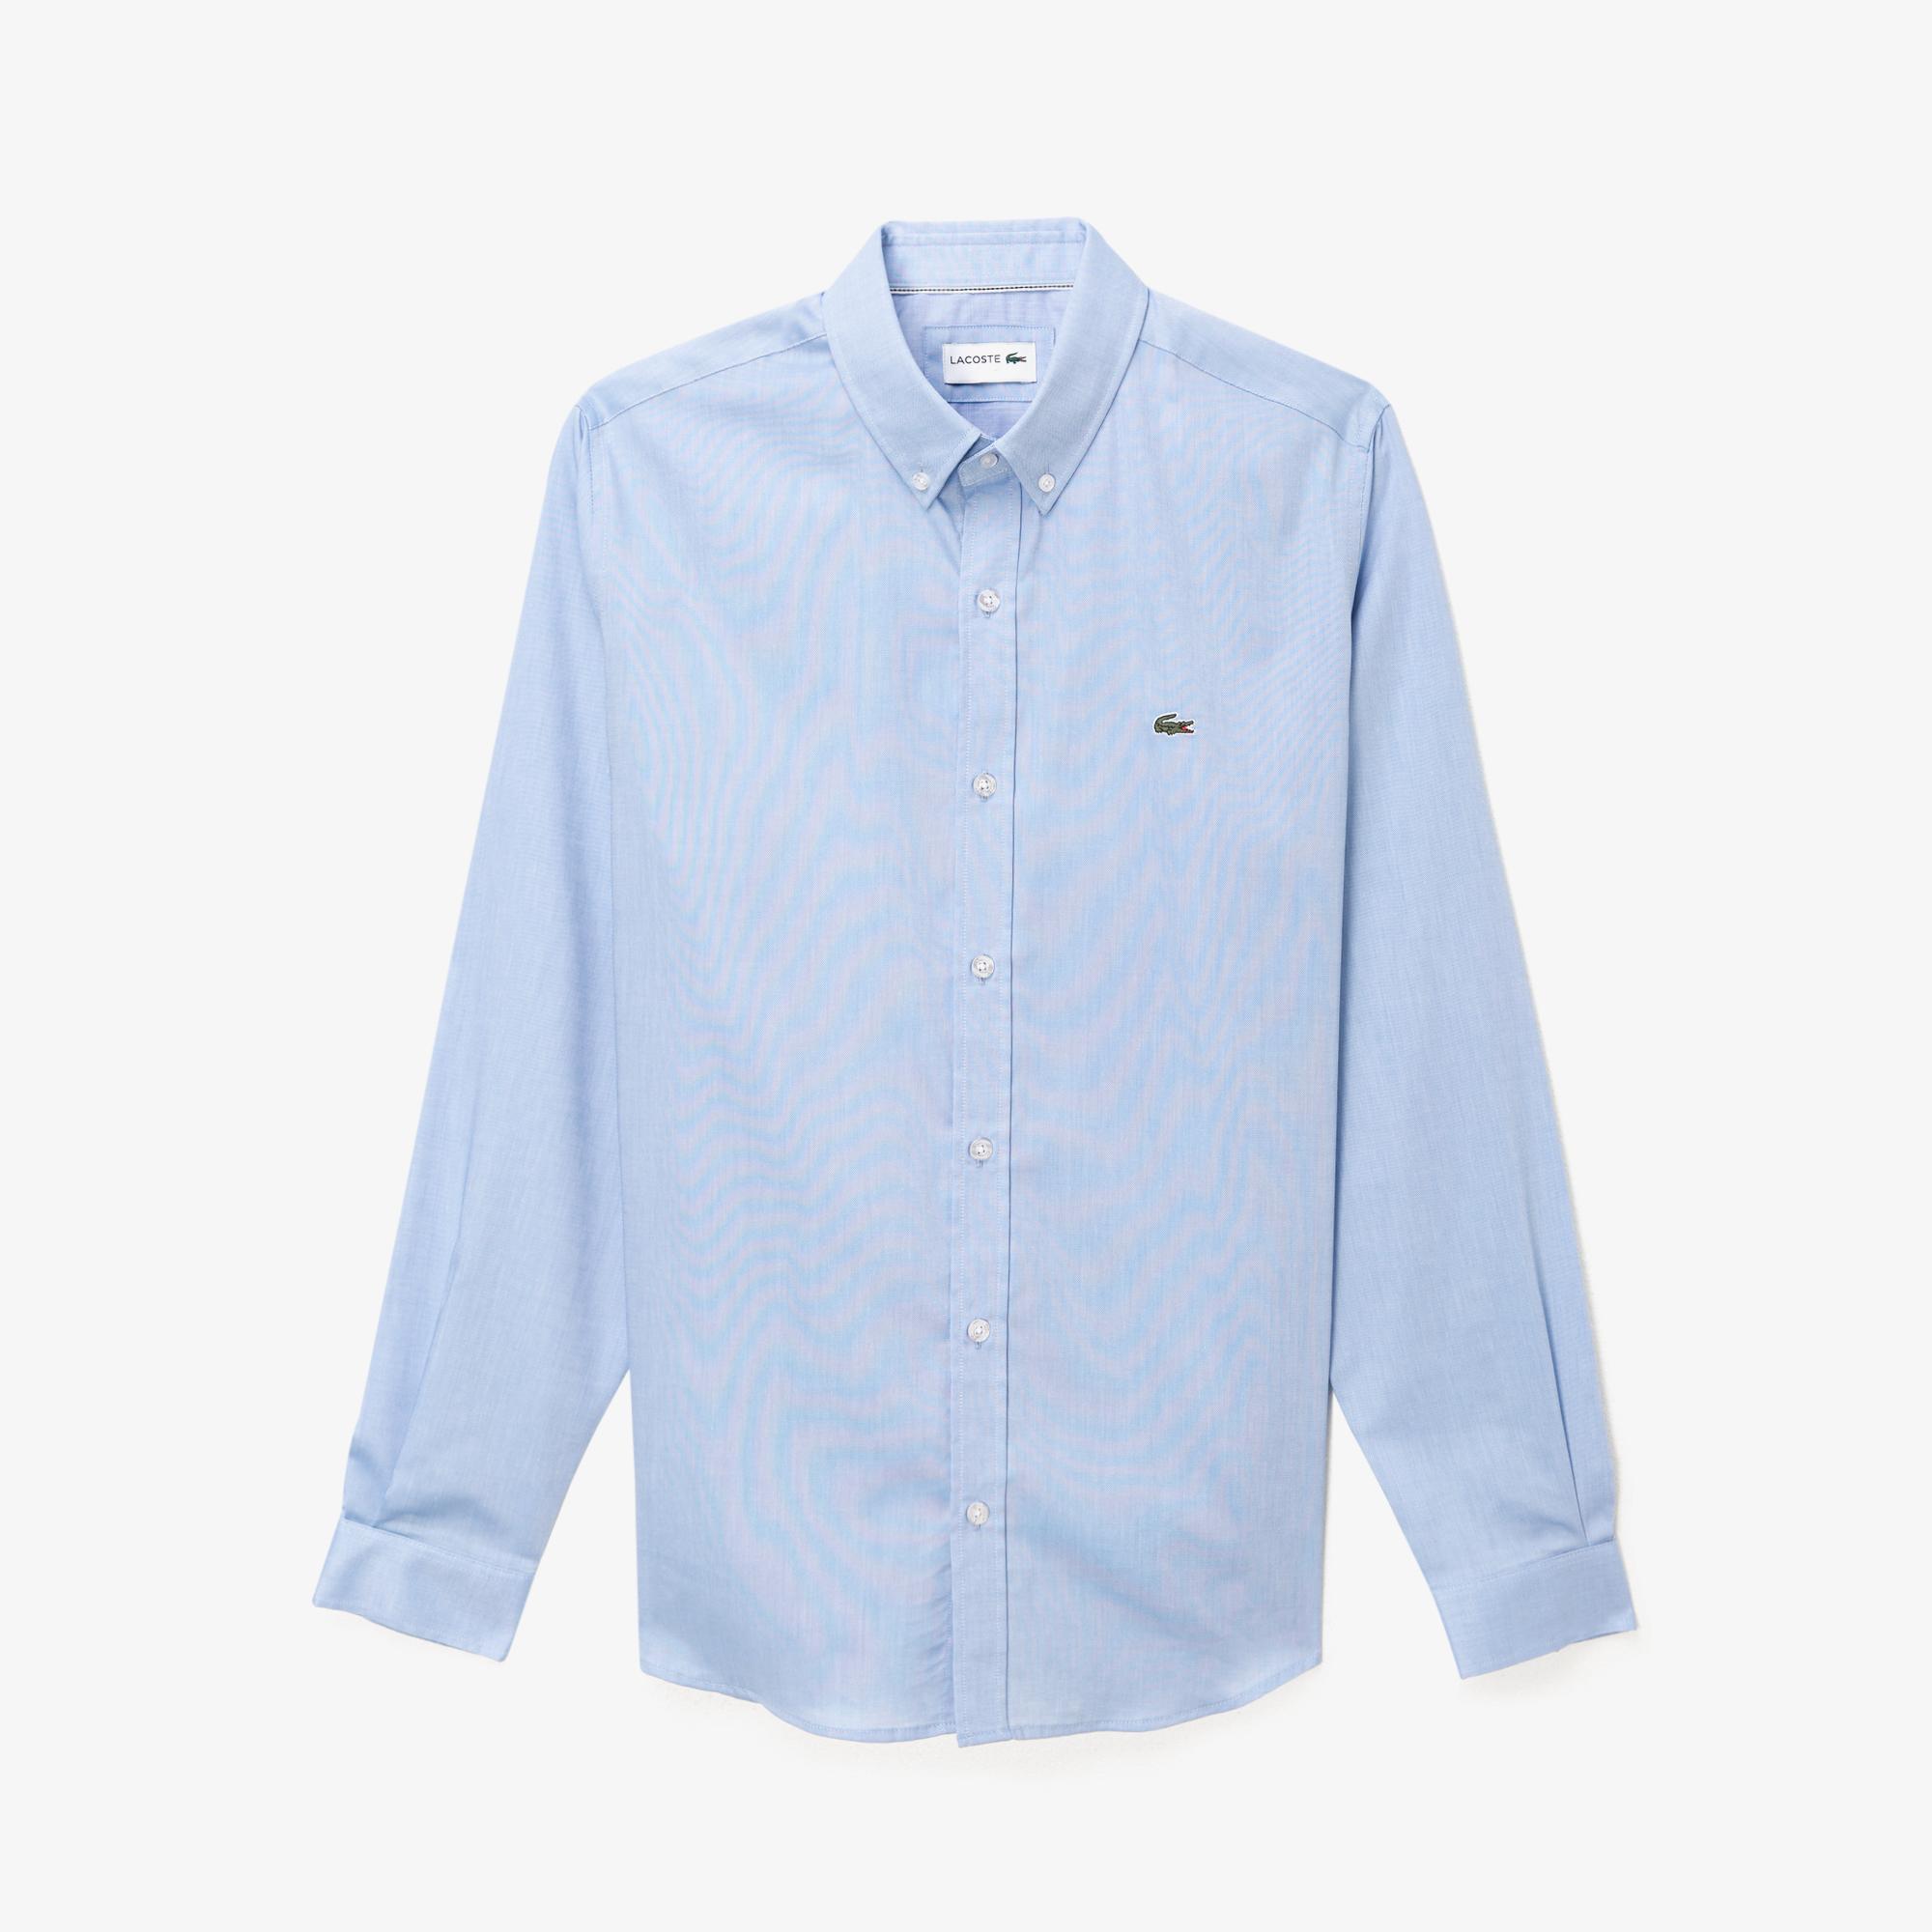 Lacoste Erkek Regular Fit Düğmeli Yaka Mavi Gömlek